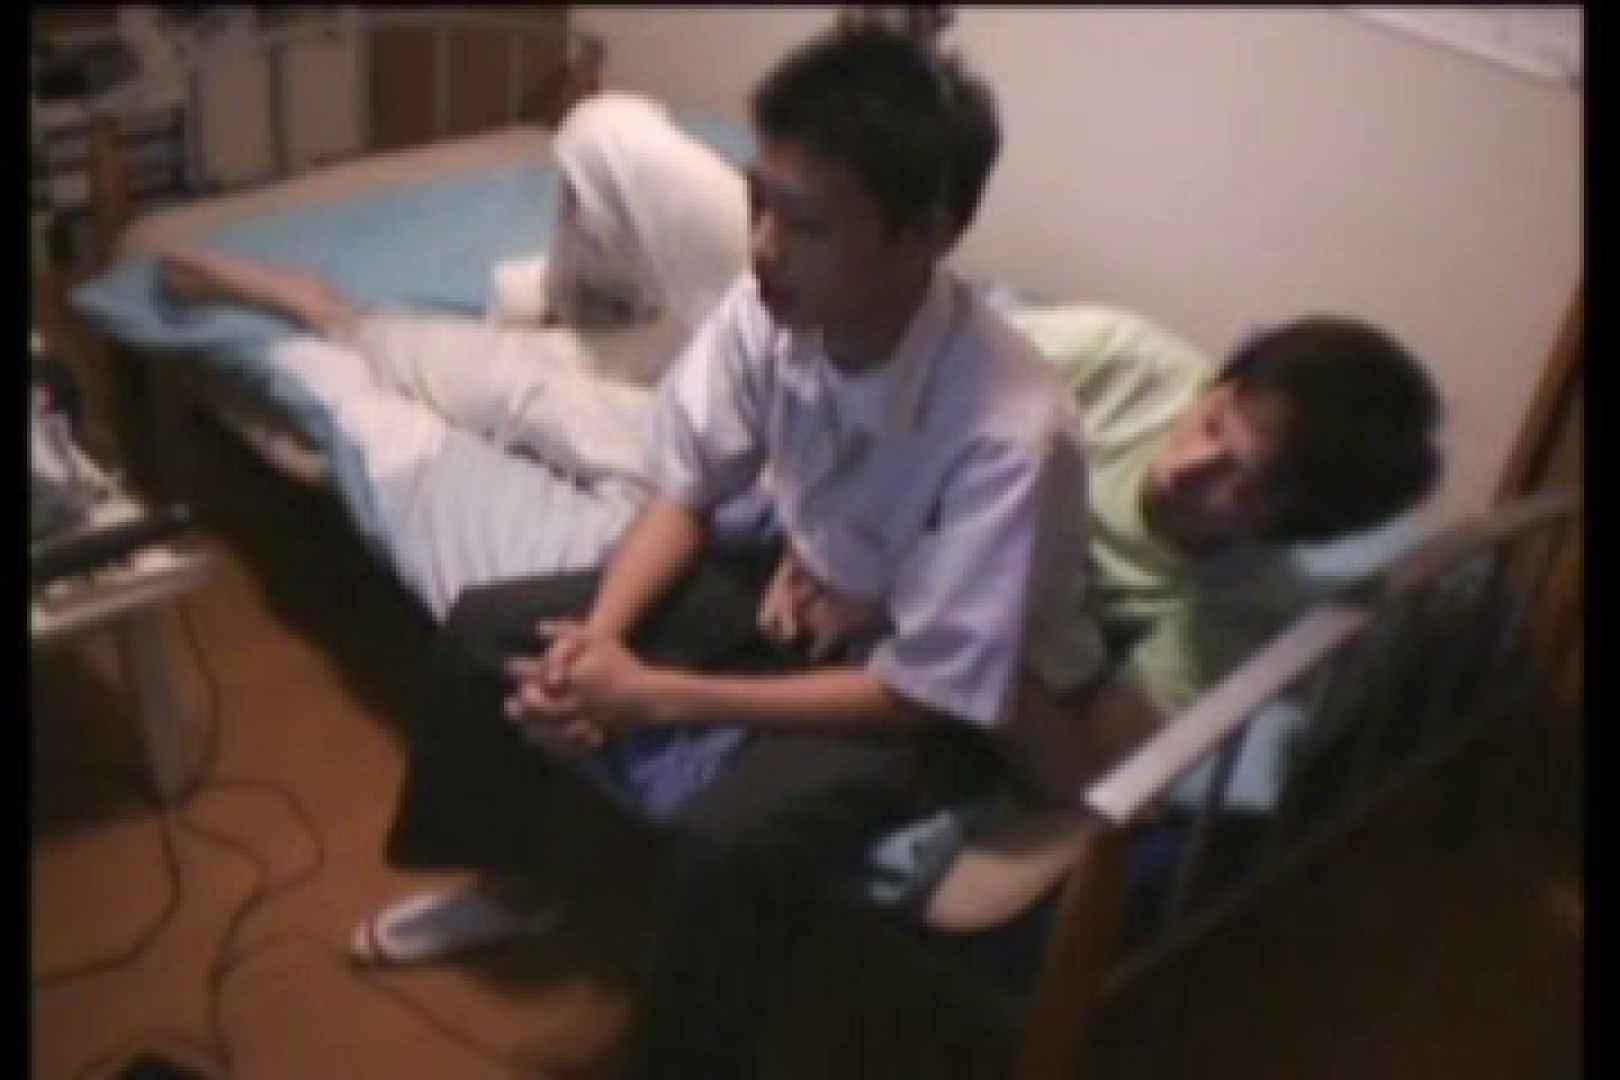 【実録投稿】友達覗撮In my room!! 射精  102pic 33